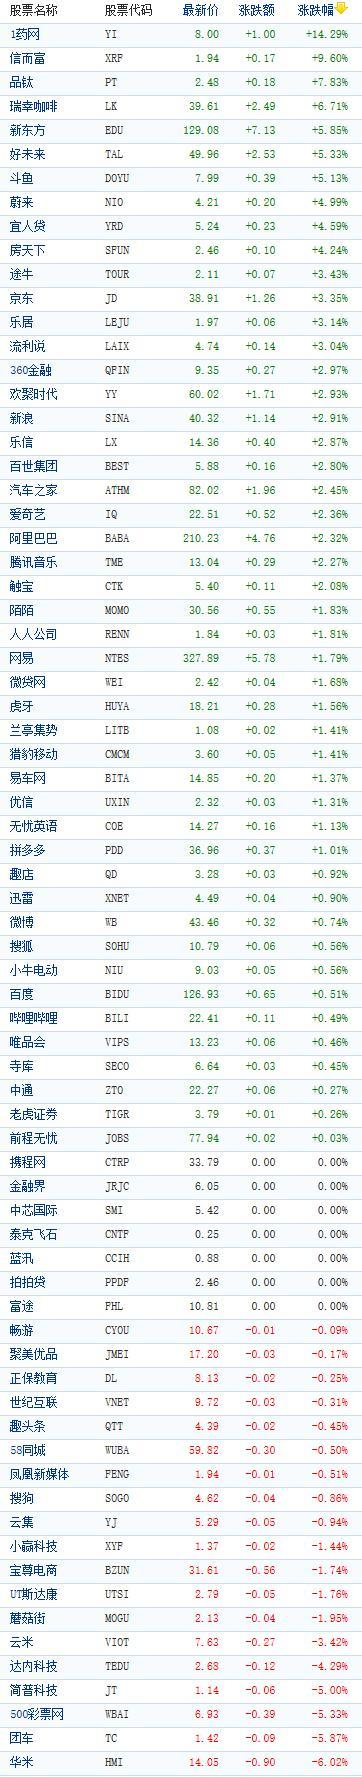 [中国概念股周二收盘多数上涨 1药网大涨近15%] A股大涨